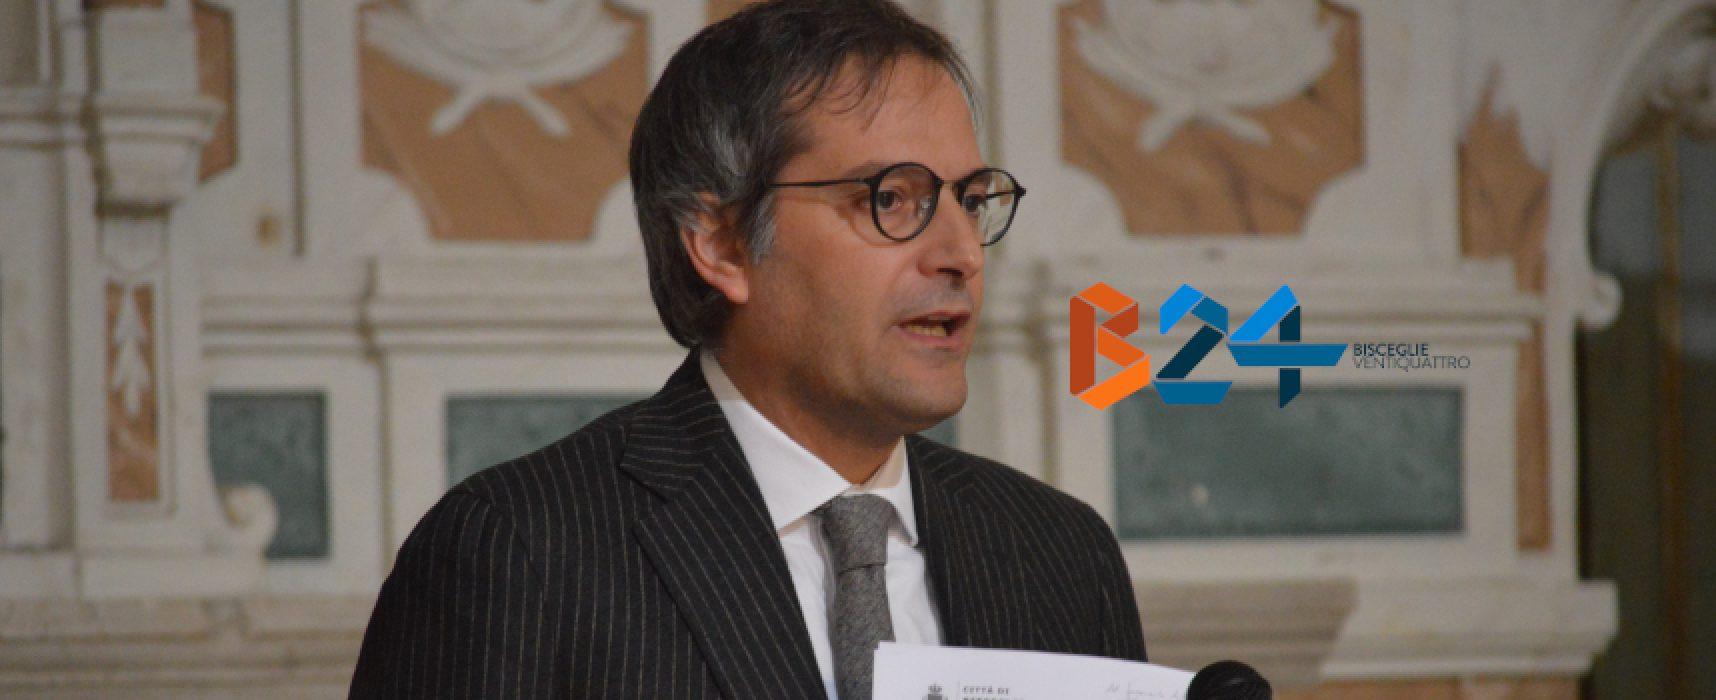 """Procede iter riadozione bilancio 2019-21. Angarano: """"A lavoro per sbloccare macchina amministrativa"""""""